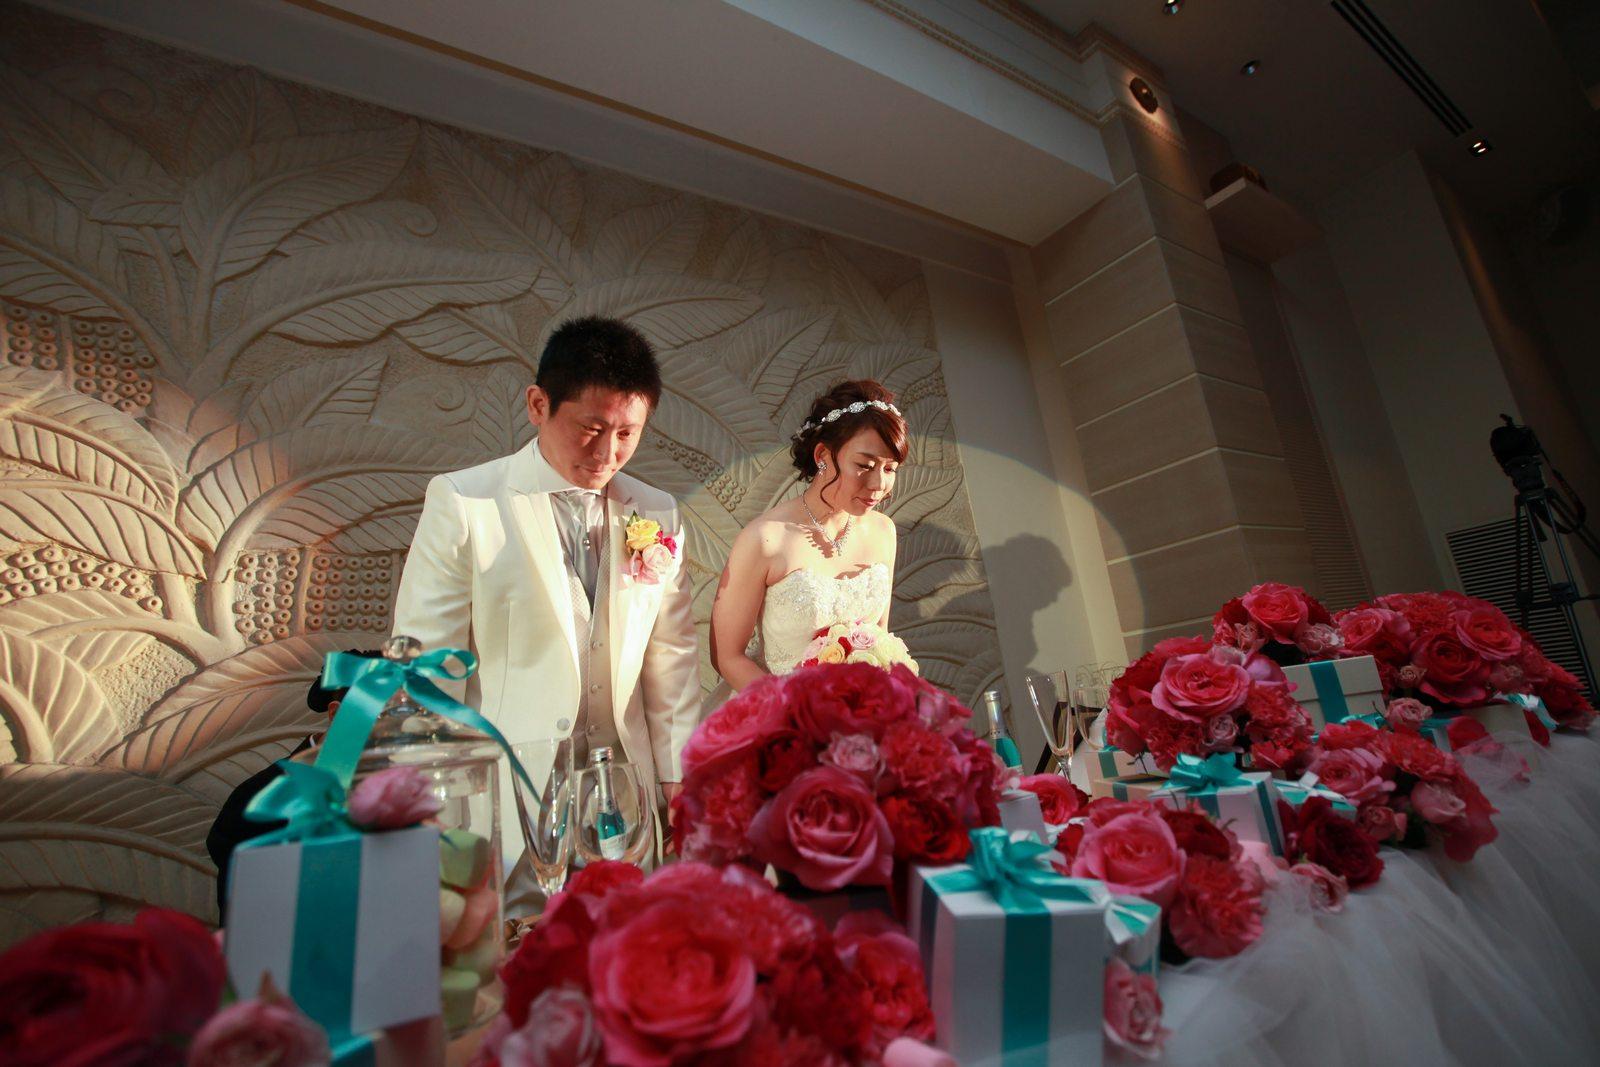 高松市の結婚式場アイルバレクラブのメインテーブル装飾